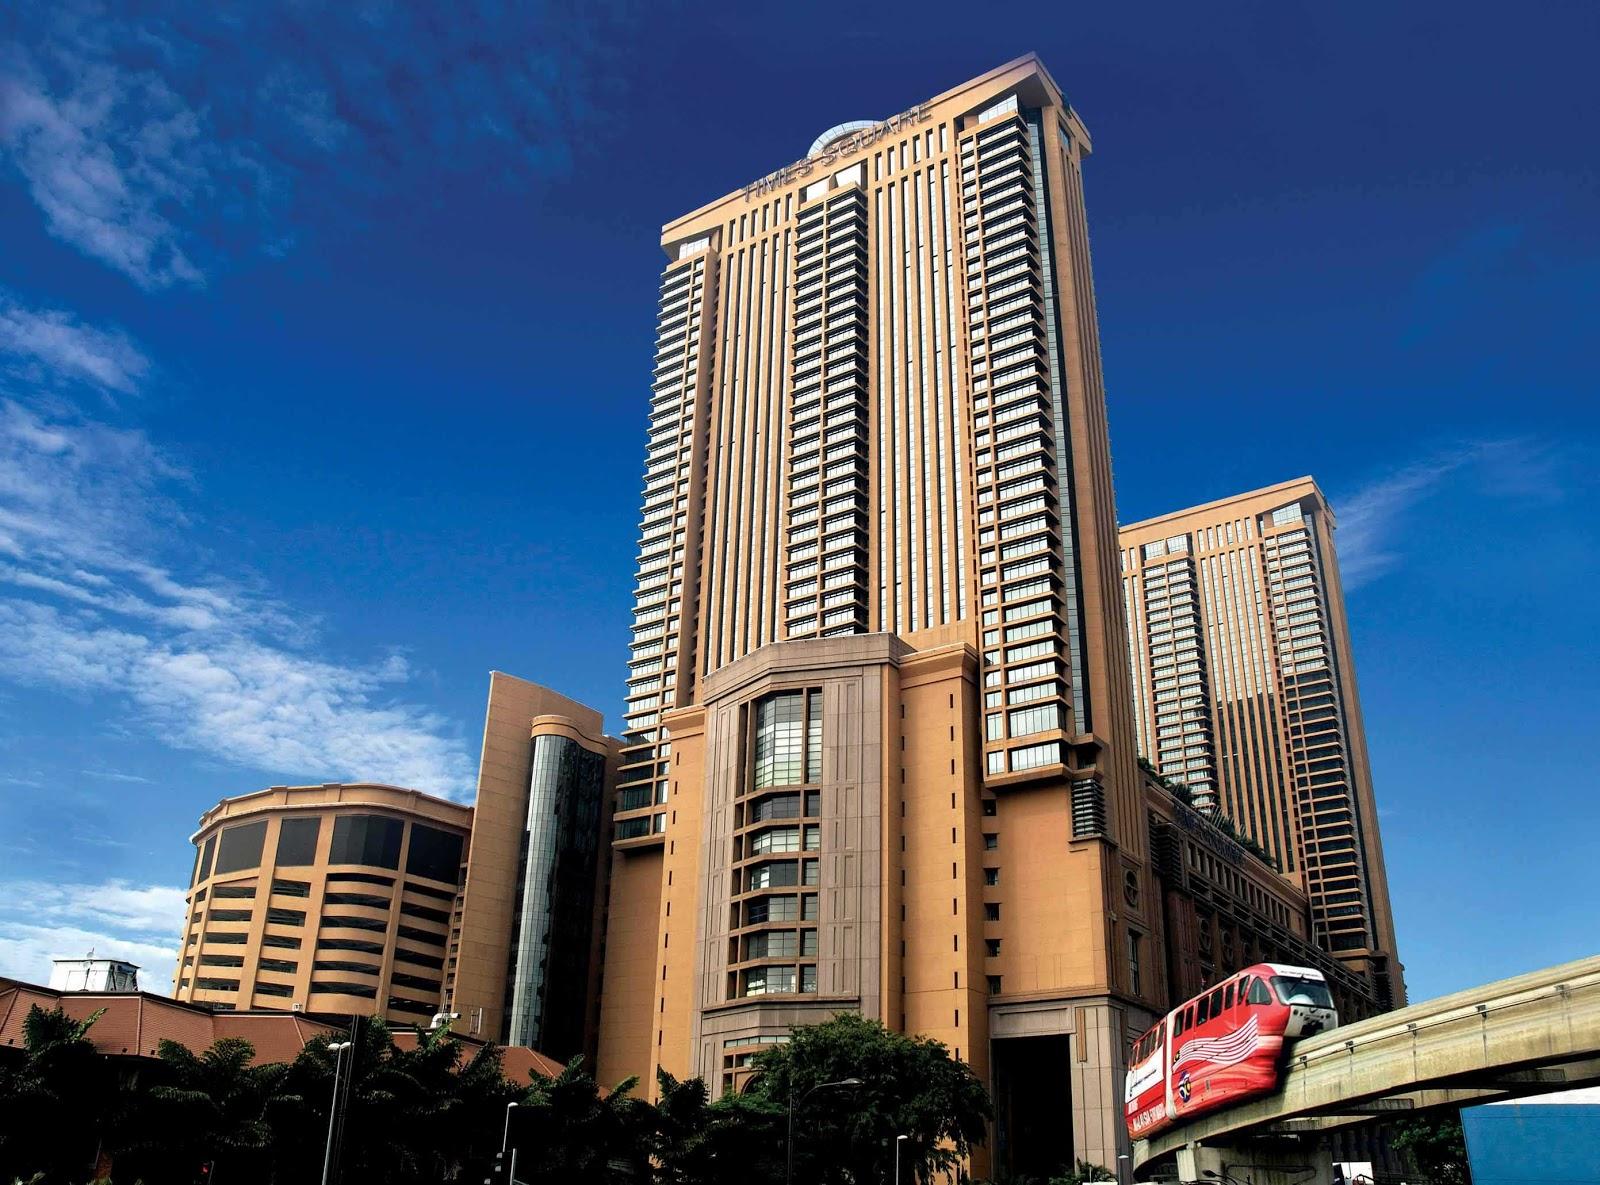 Berjaya-Times-Square-Hotel-Kuala-Lumpur-Malaysia2